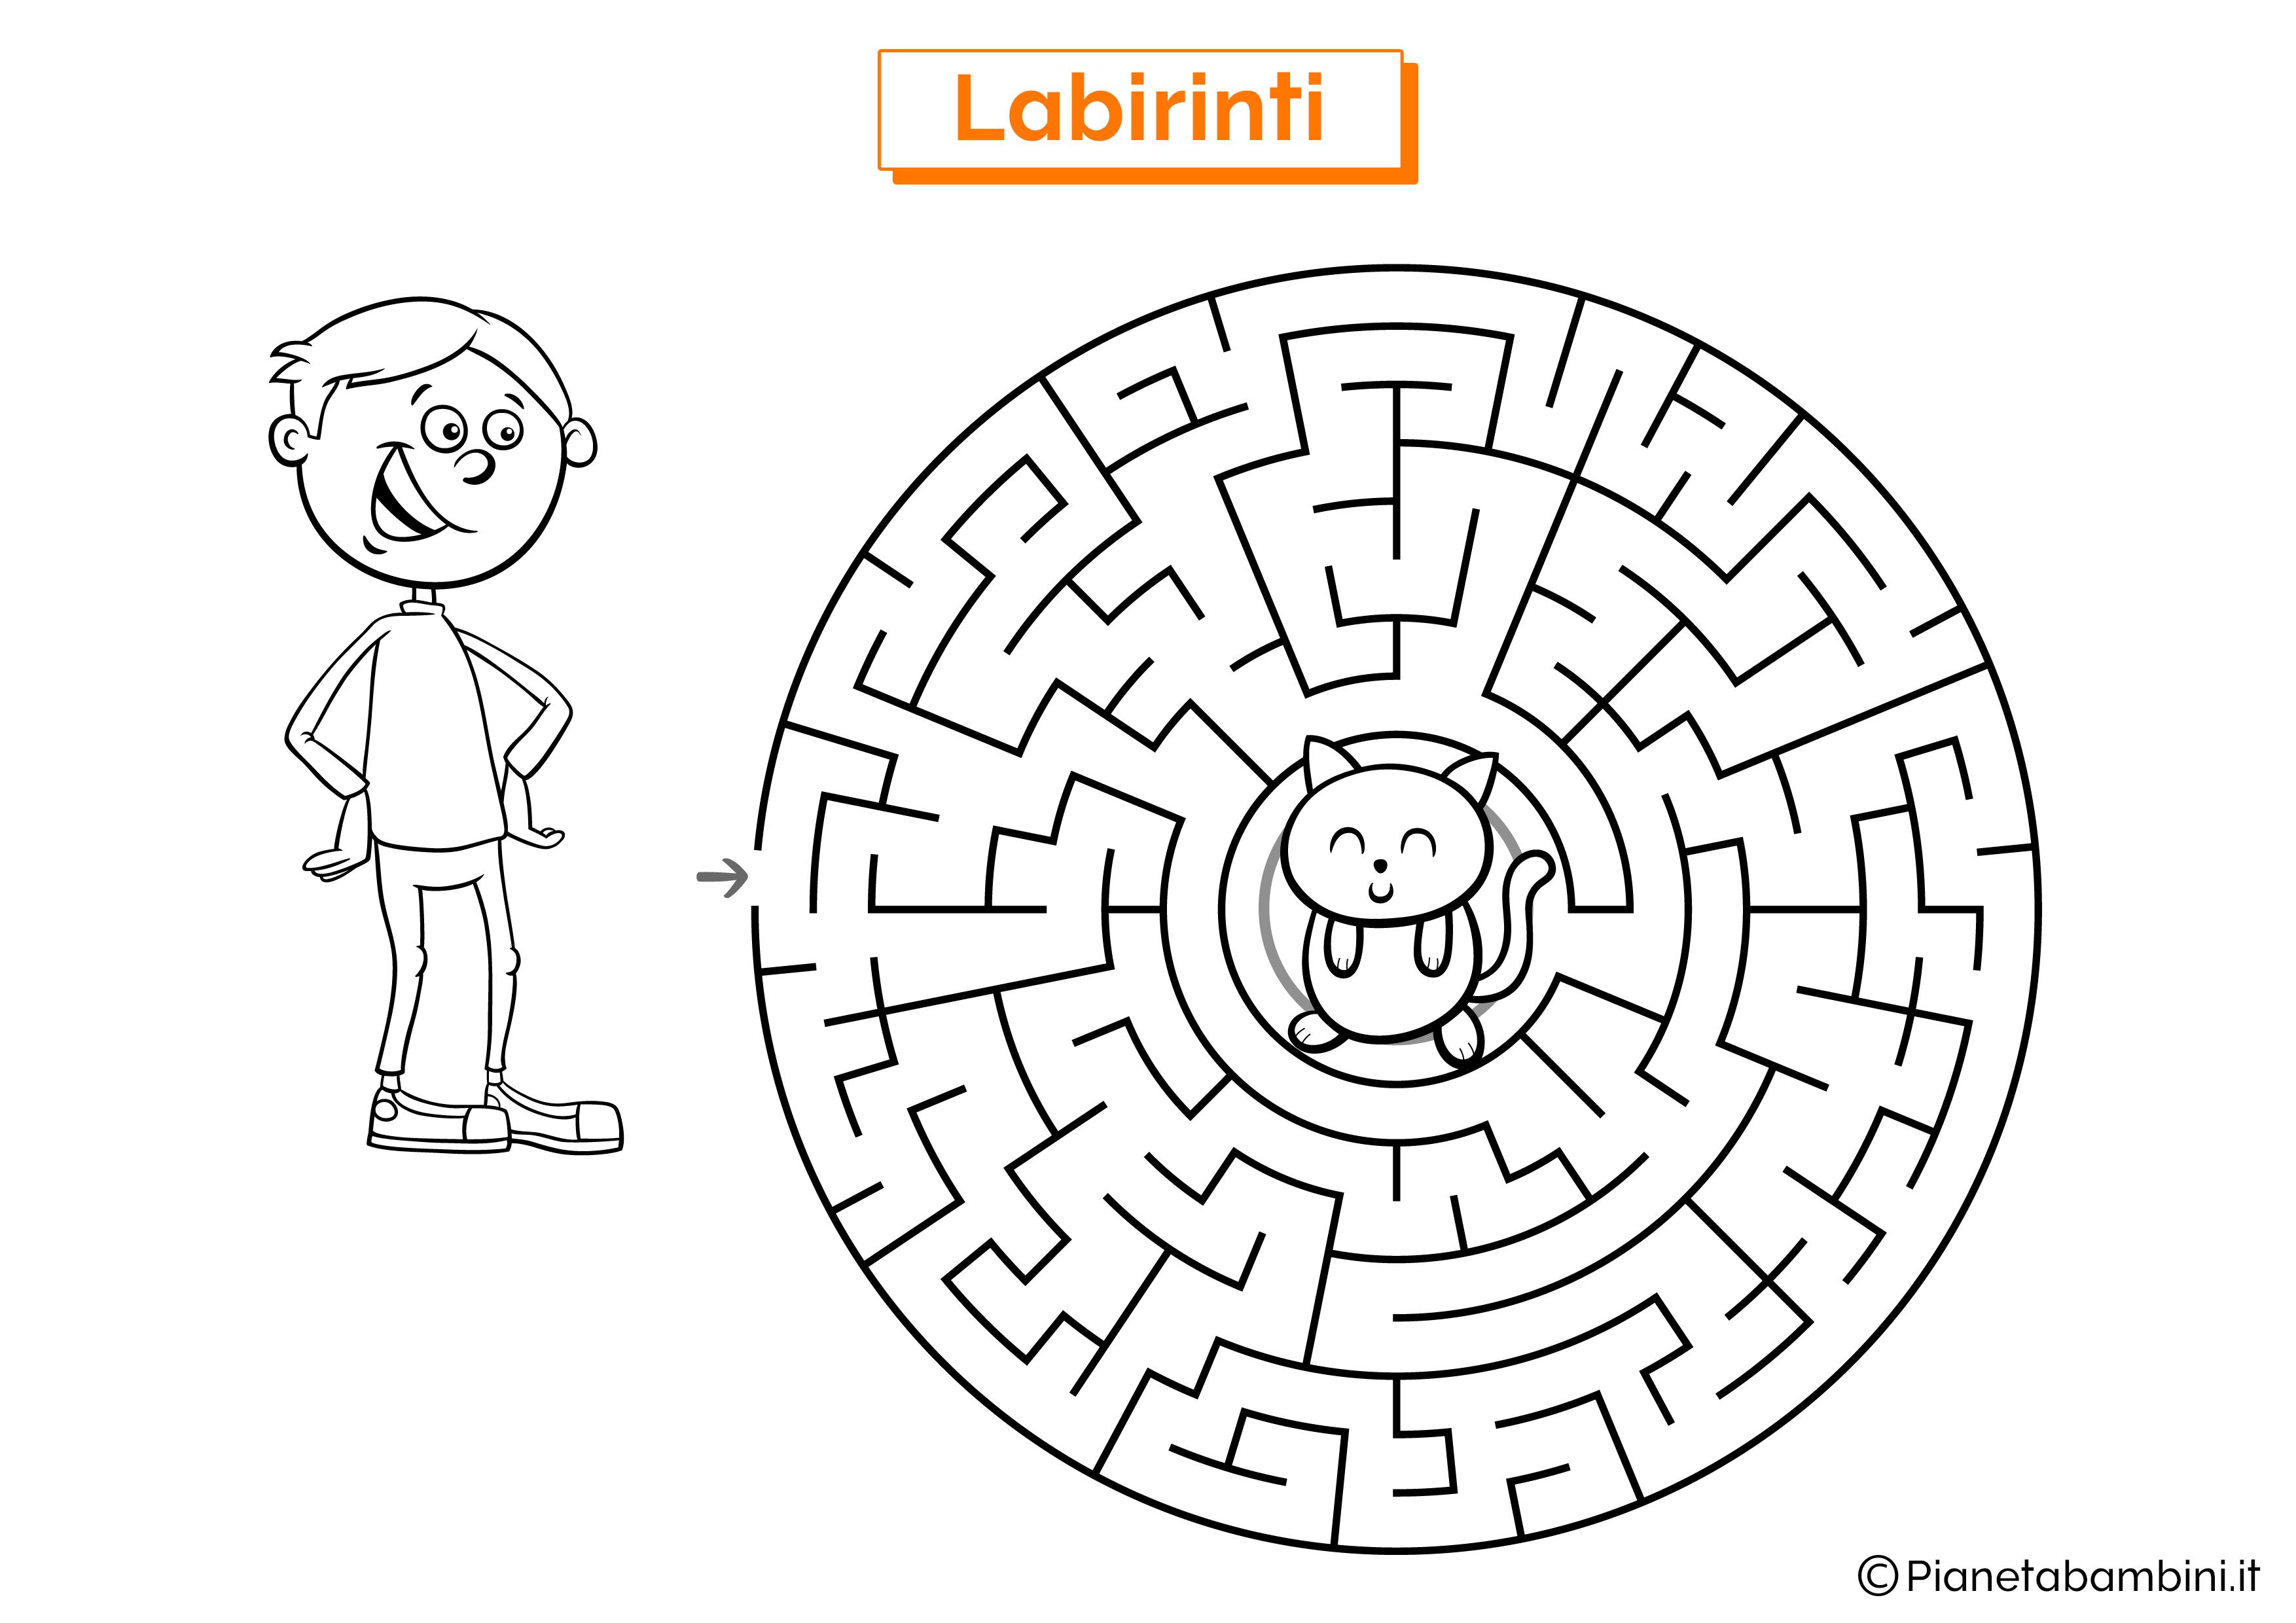 Labirinto con gatto e ragazzo da stampare